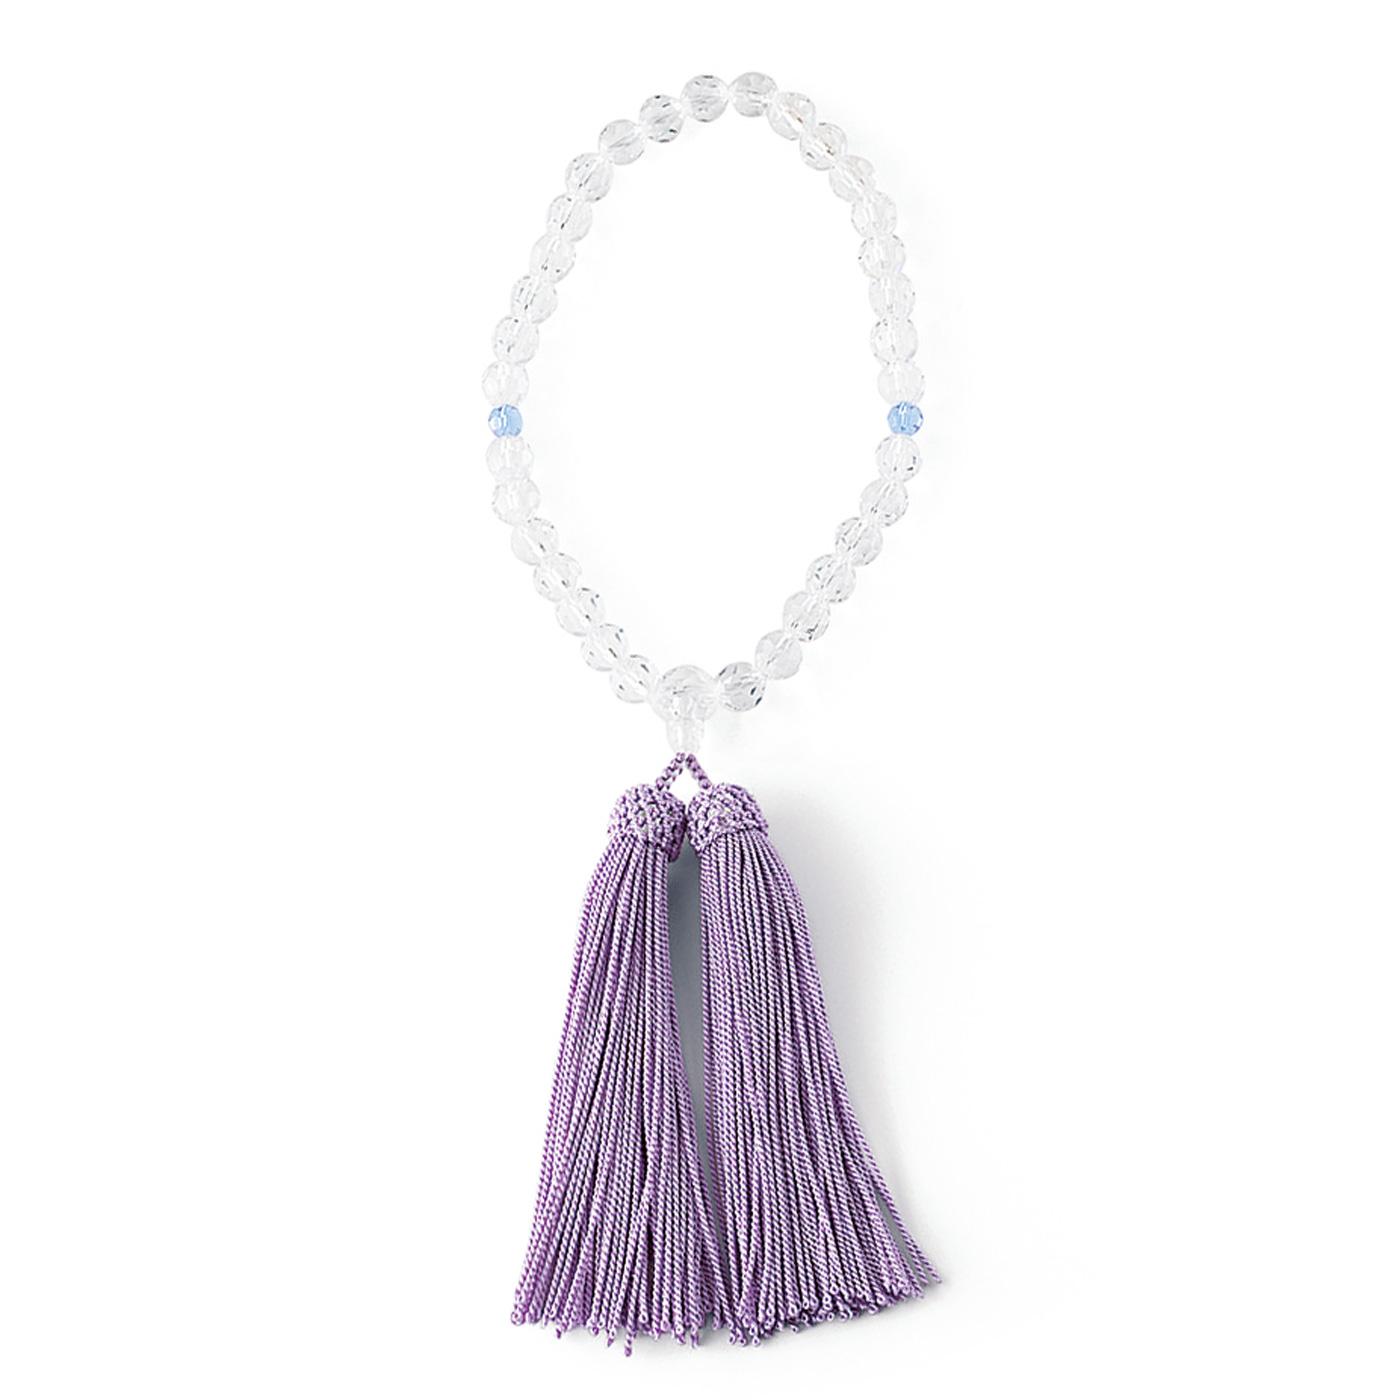 美しいチェコガラスを使用した白切甲(しろきりこう)の念珠。クリアカラーは女性らしく華やか。